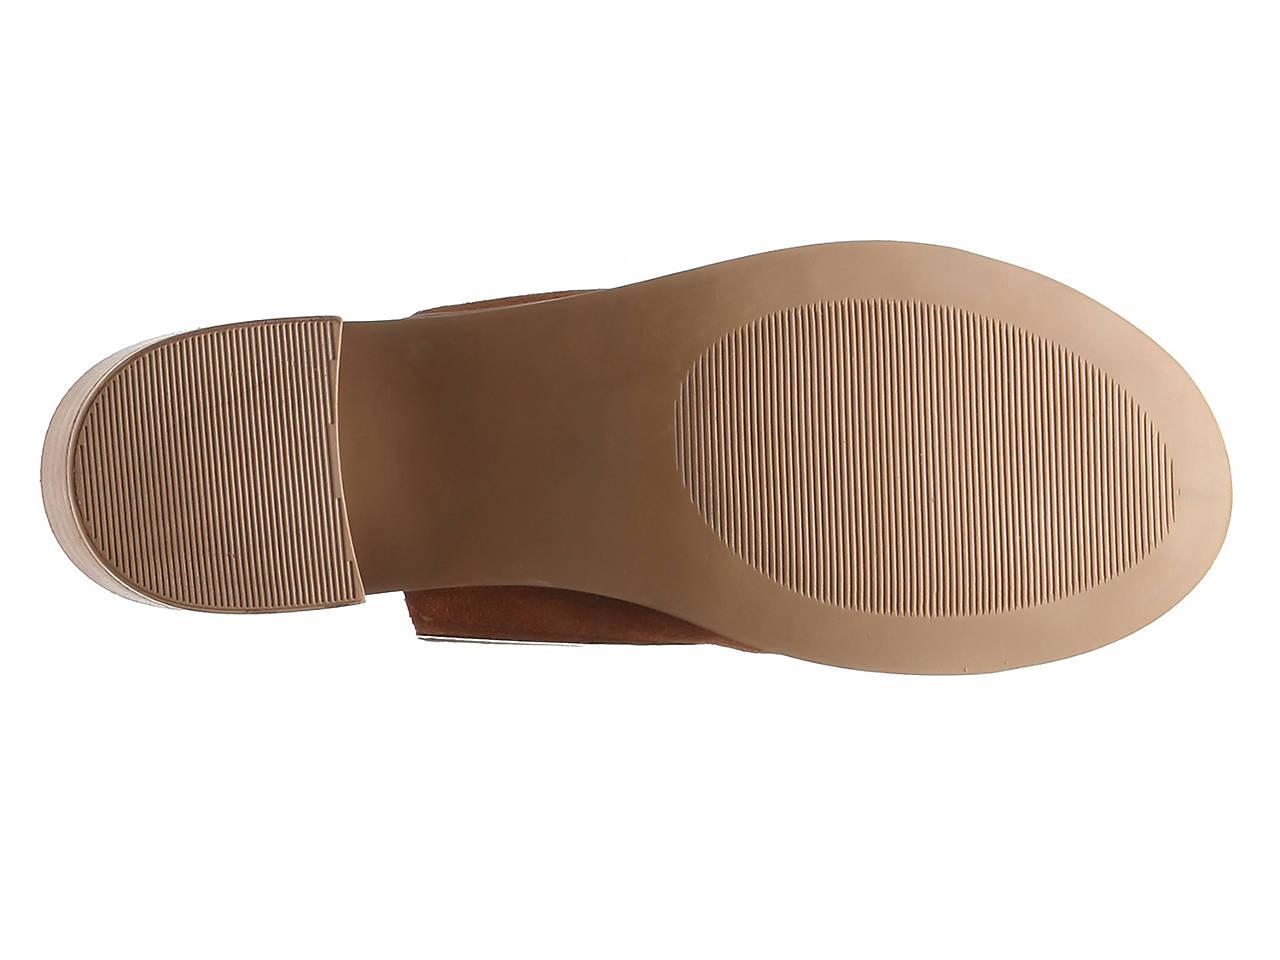 c8c17b728c4 Steve Madden Richelle Sandal Women s Shoes